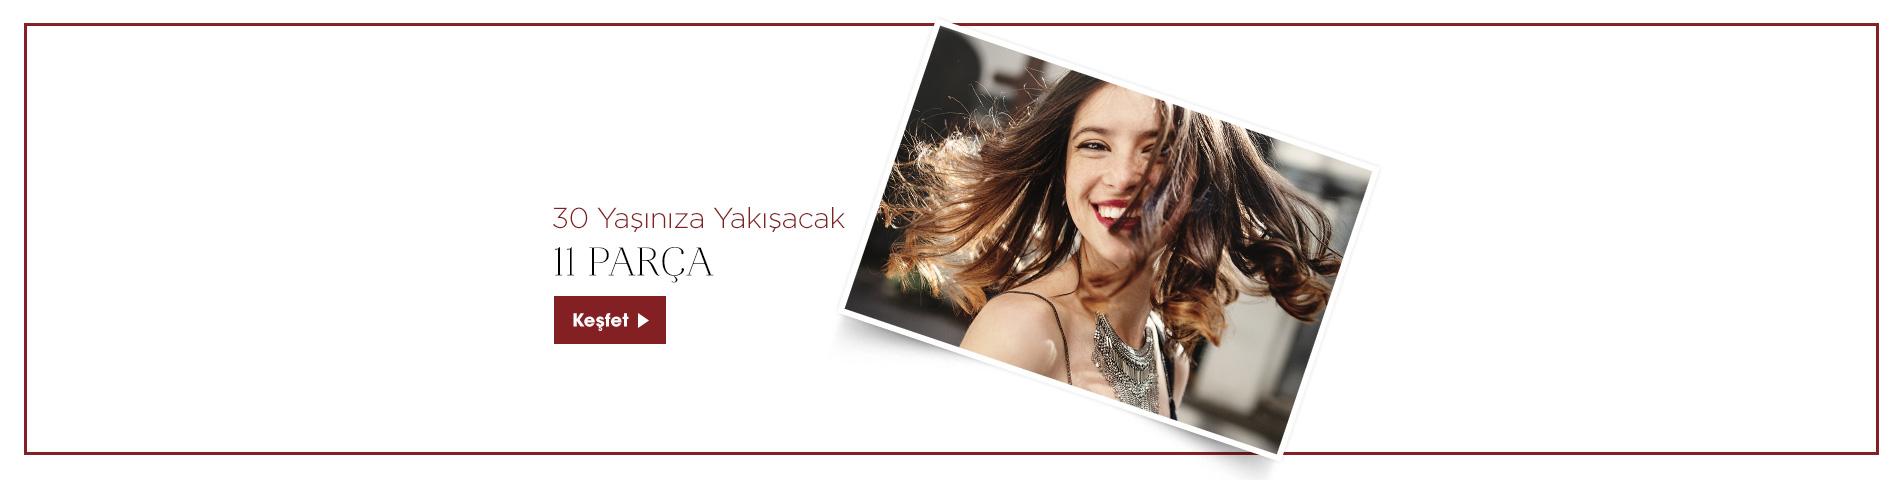 30i_yasiniza_yakisicak_11_parca_mag_SLiDER